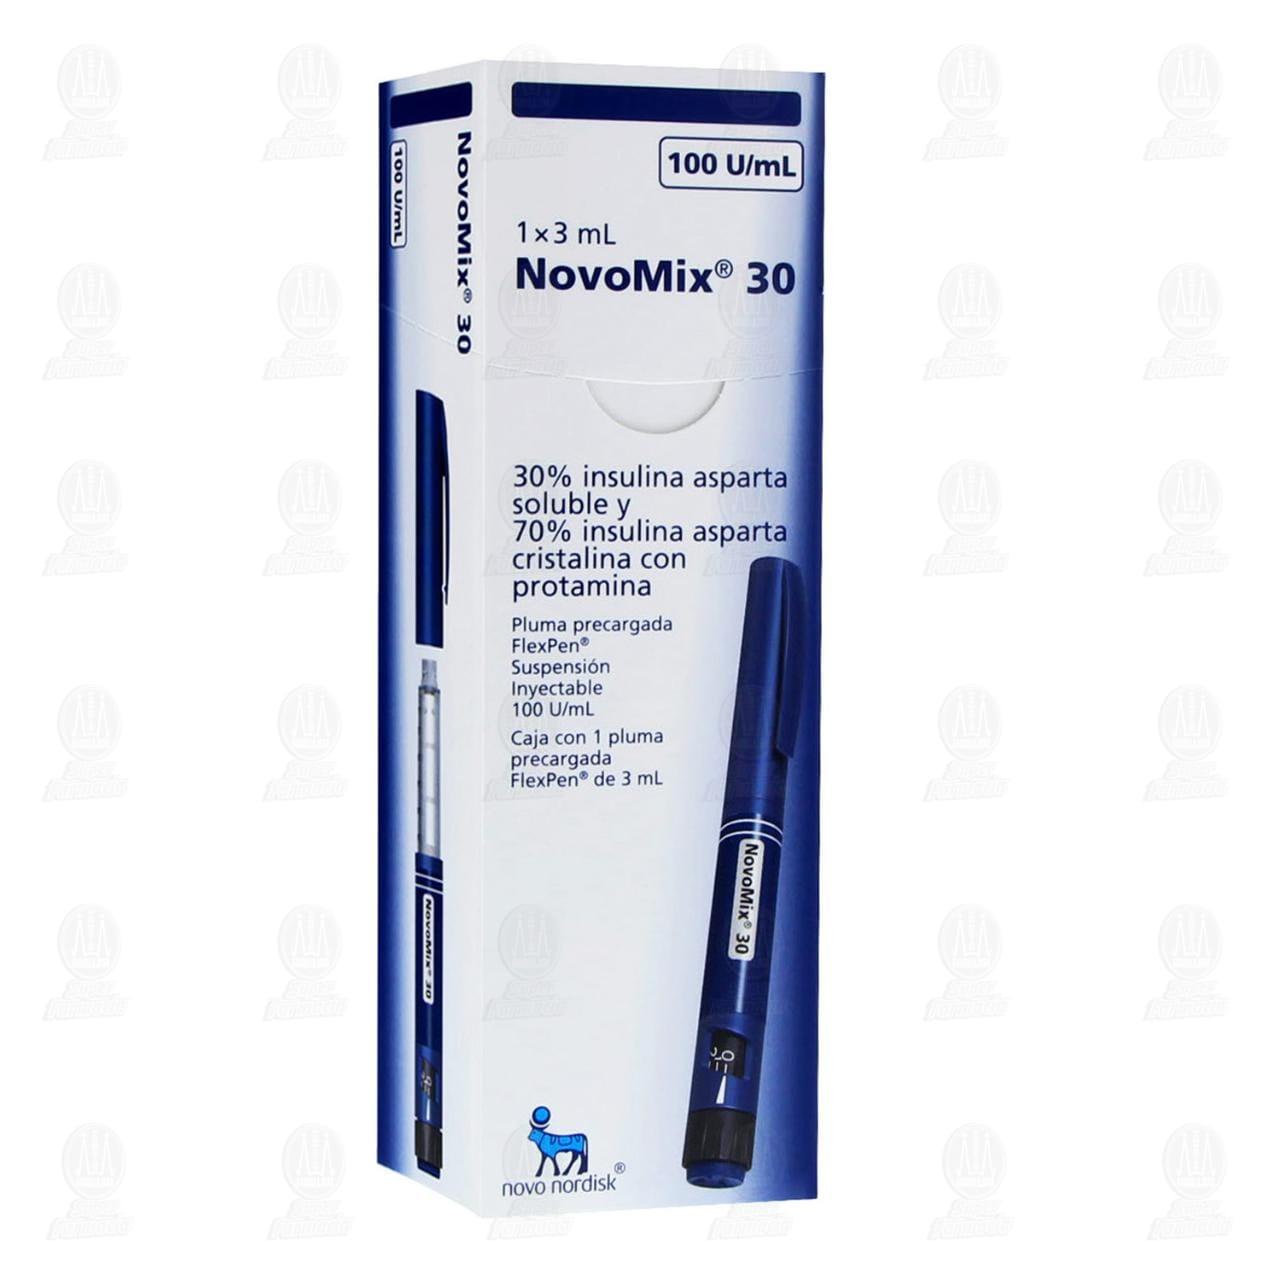 Comprar Novomix 30 Flexpen con 1 Pluma 100u/ml 3ml Solución en Farmacias Guadalajara